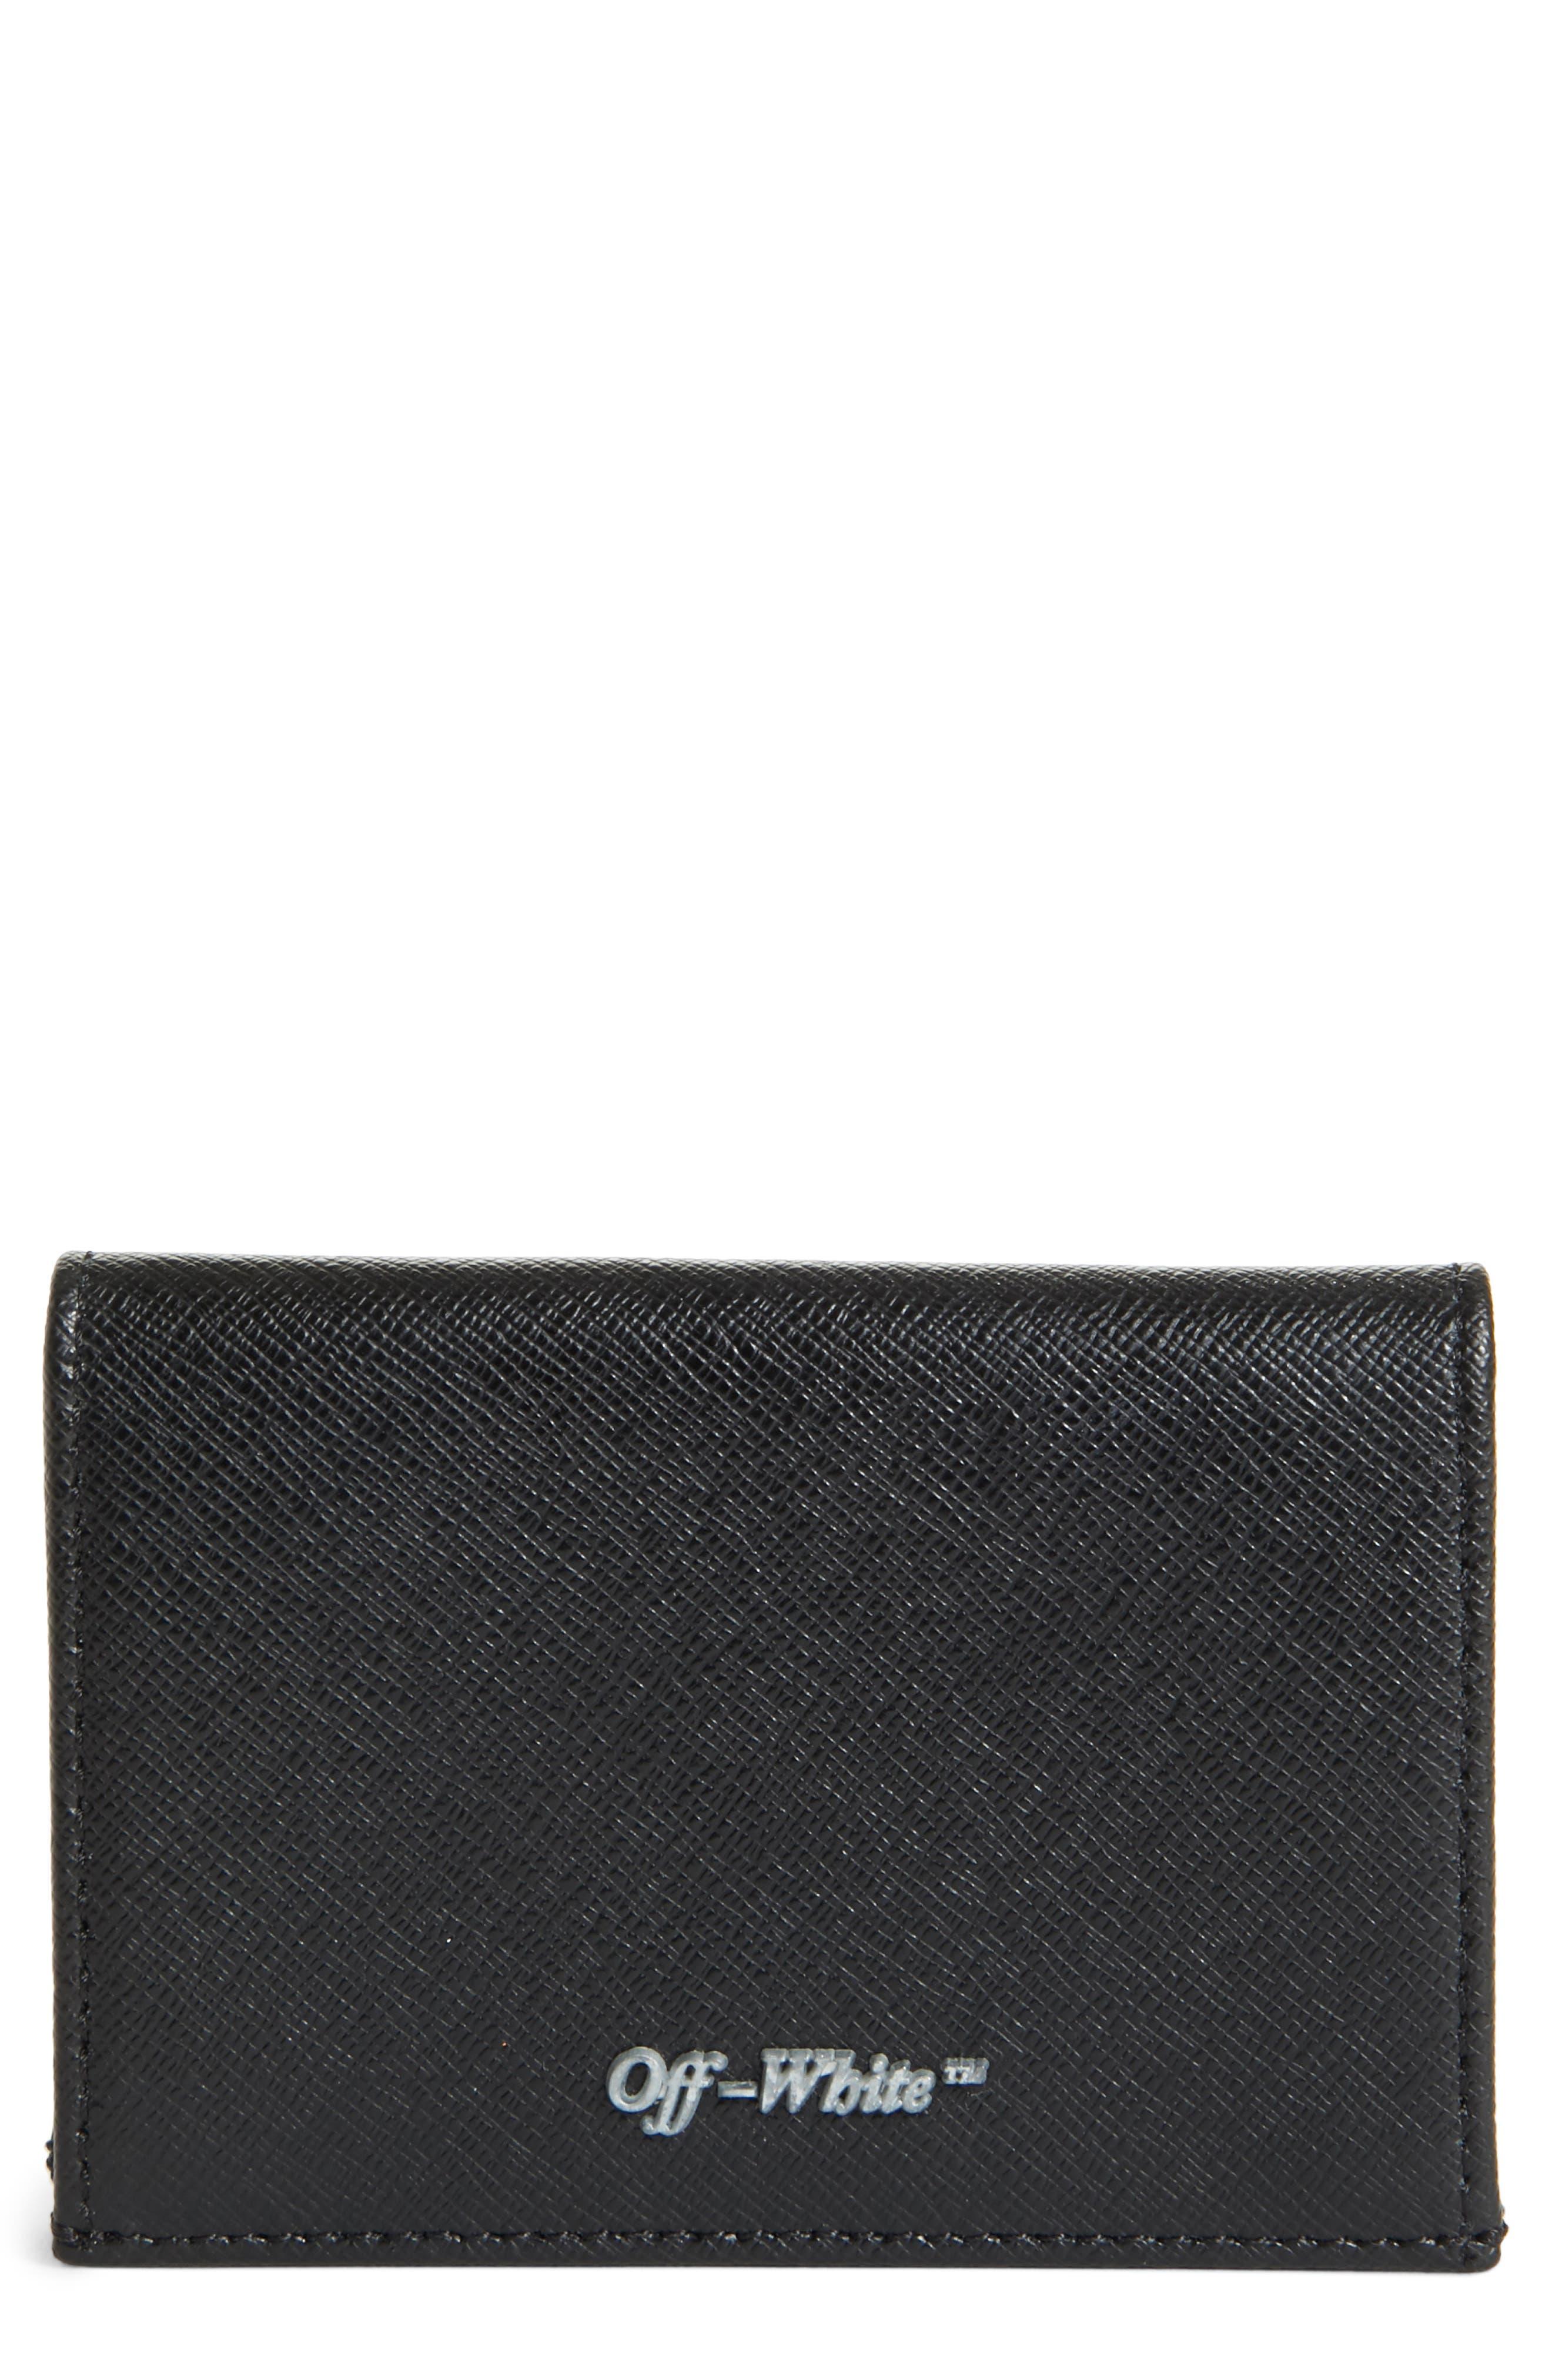 Small Flap Wallet,                             Main thumbnail 1, color,                             Black